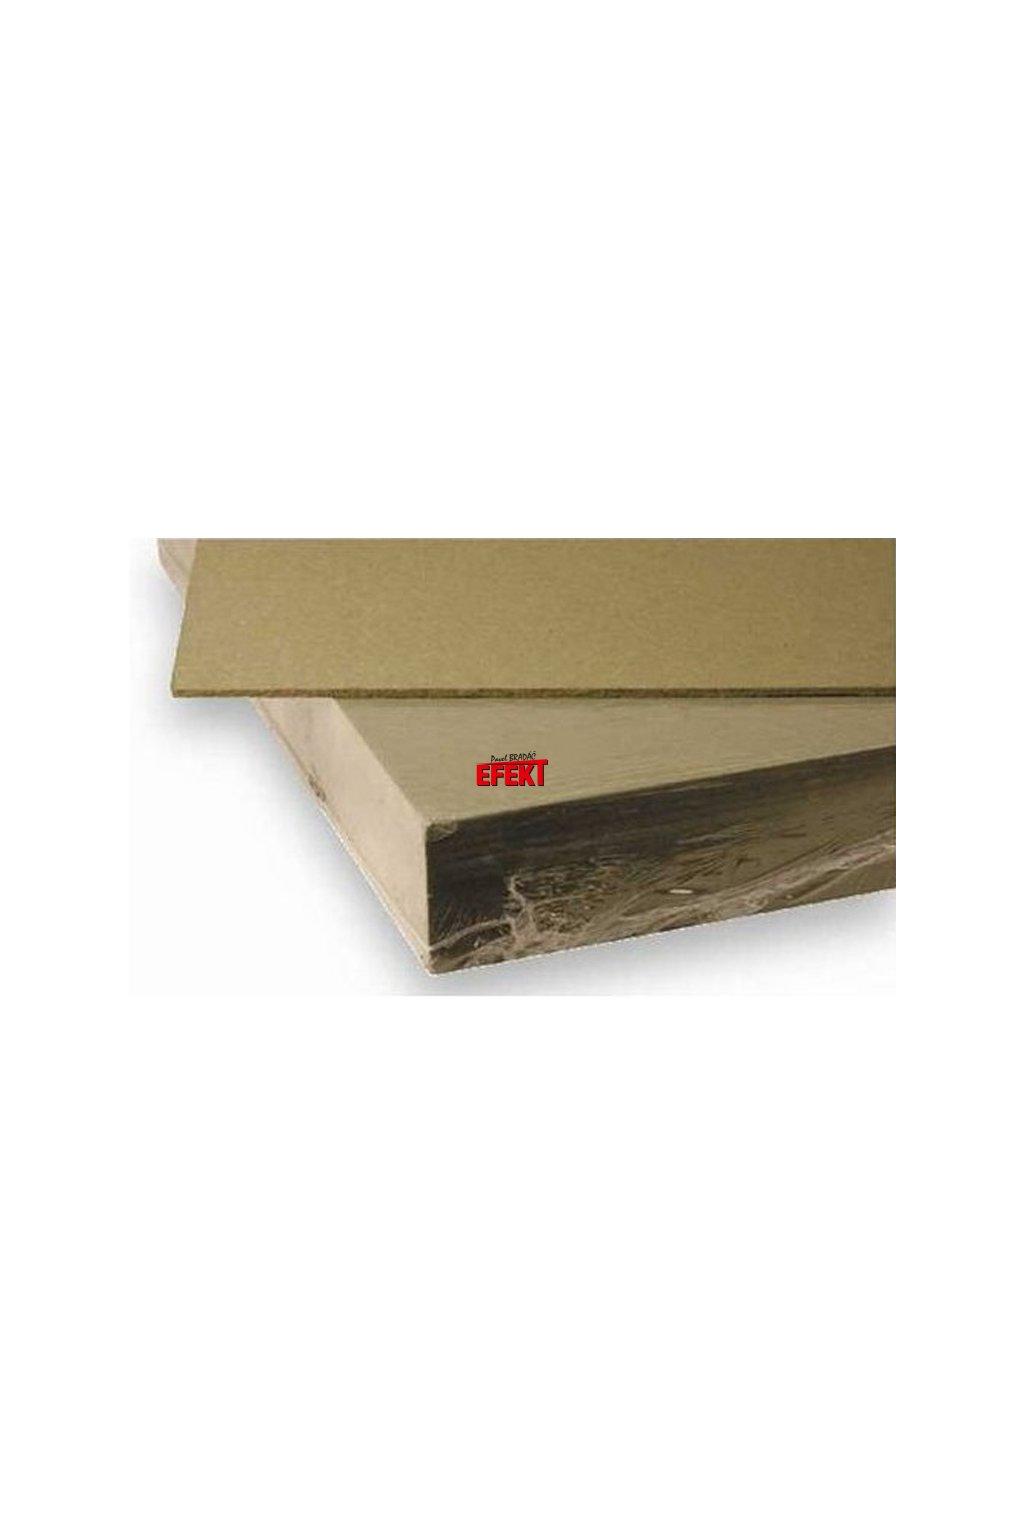 ADIPAN dřevovláknité vyrov. Desky tl. 5,5mm